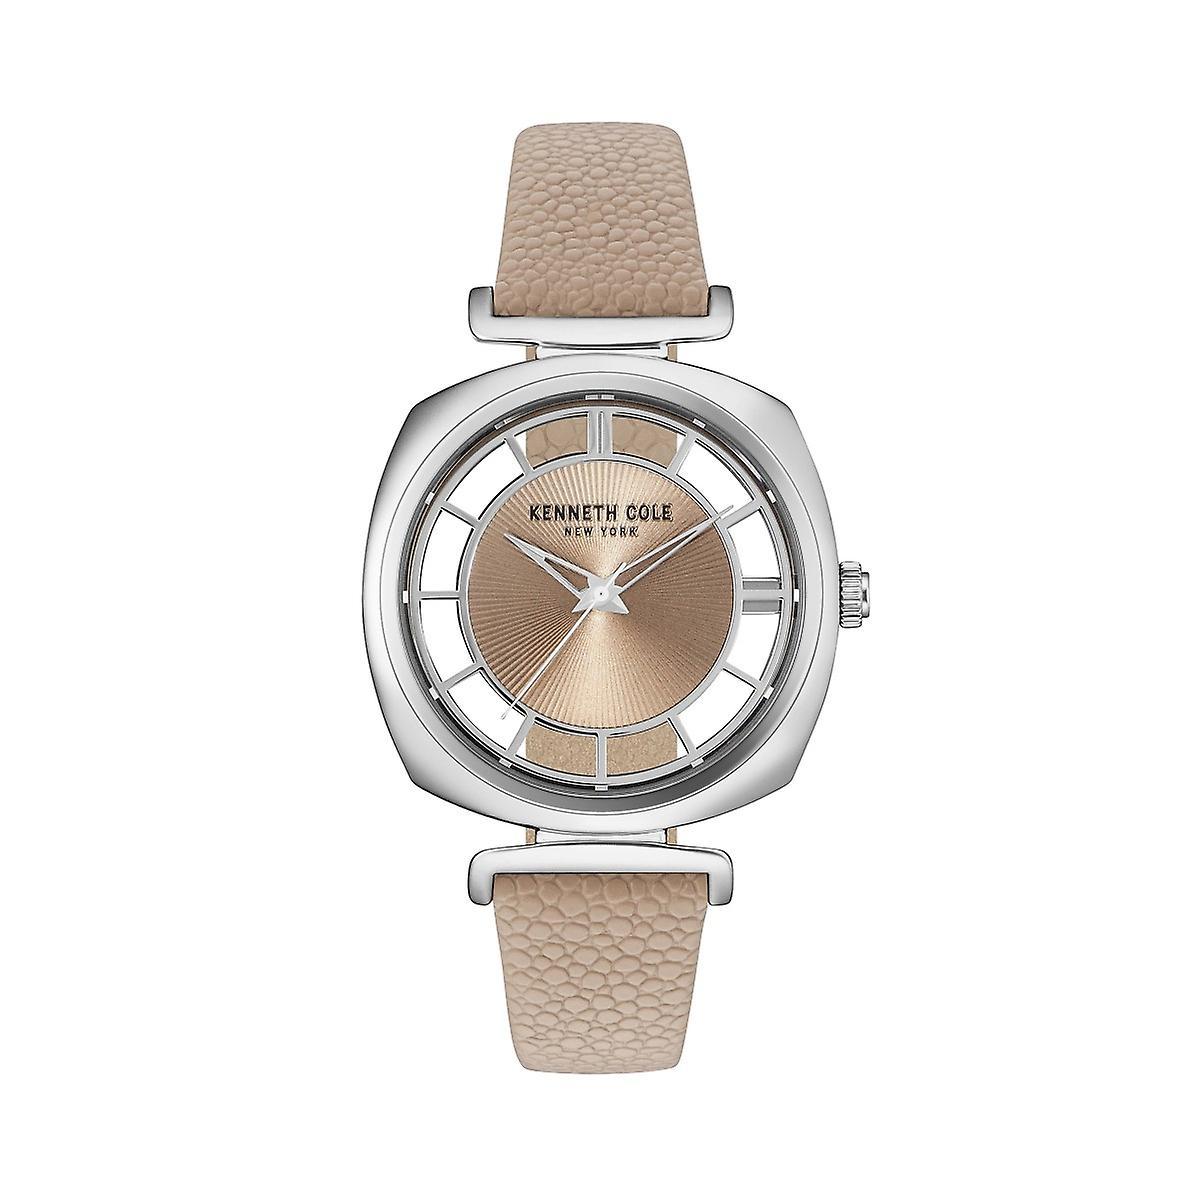 Montre montre-bracelet en cuir Kenneth Cole nouveau York féminine KC15108005